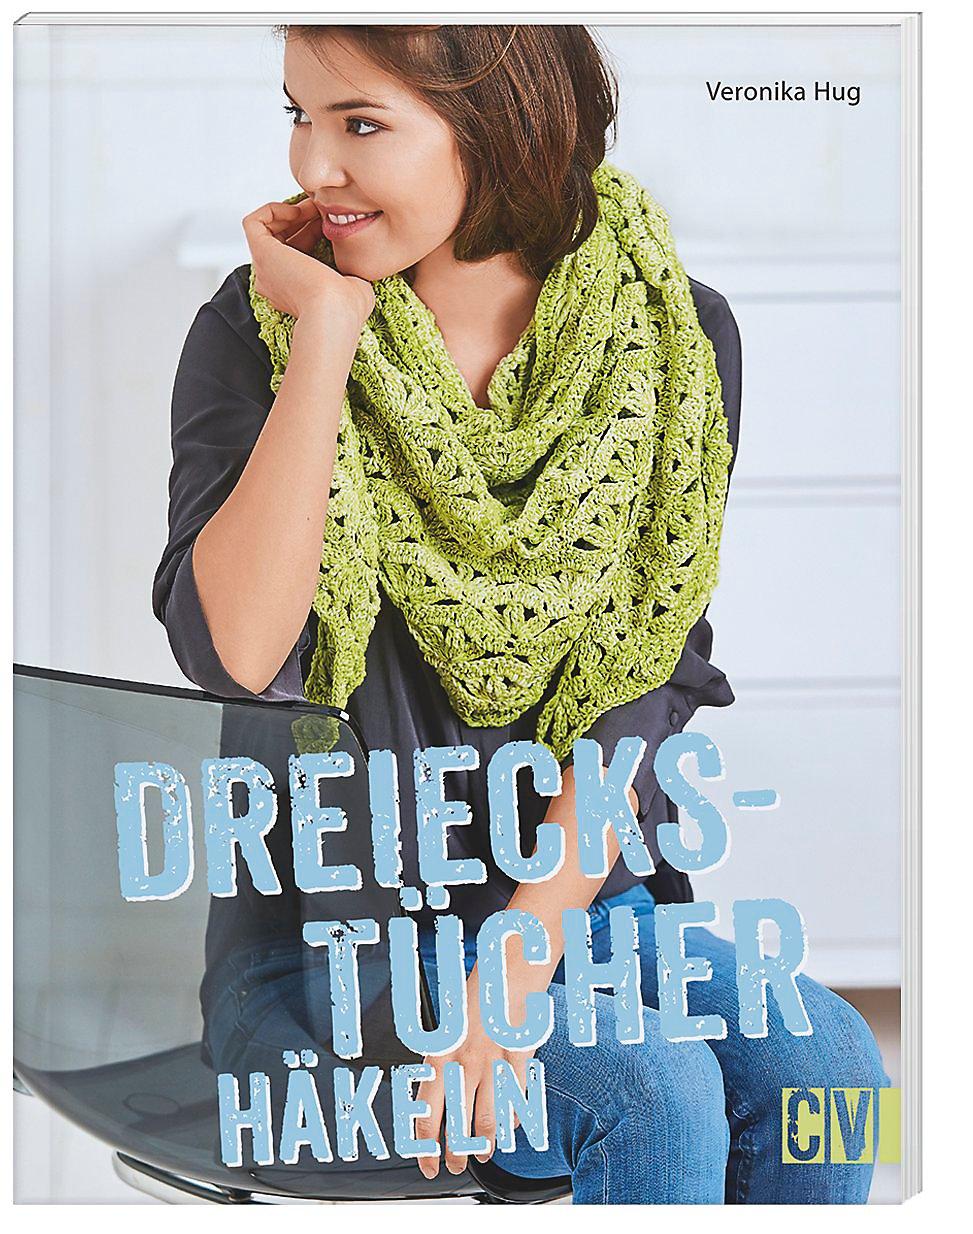 Dreieckstücher Häkeln Buch Von Veronika Hug Portofrei Kaufen